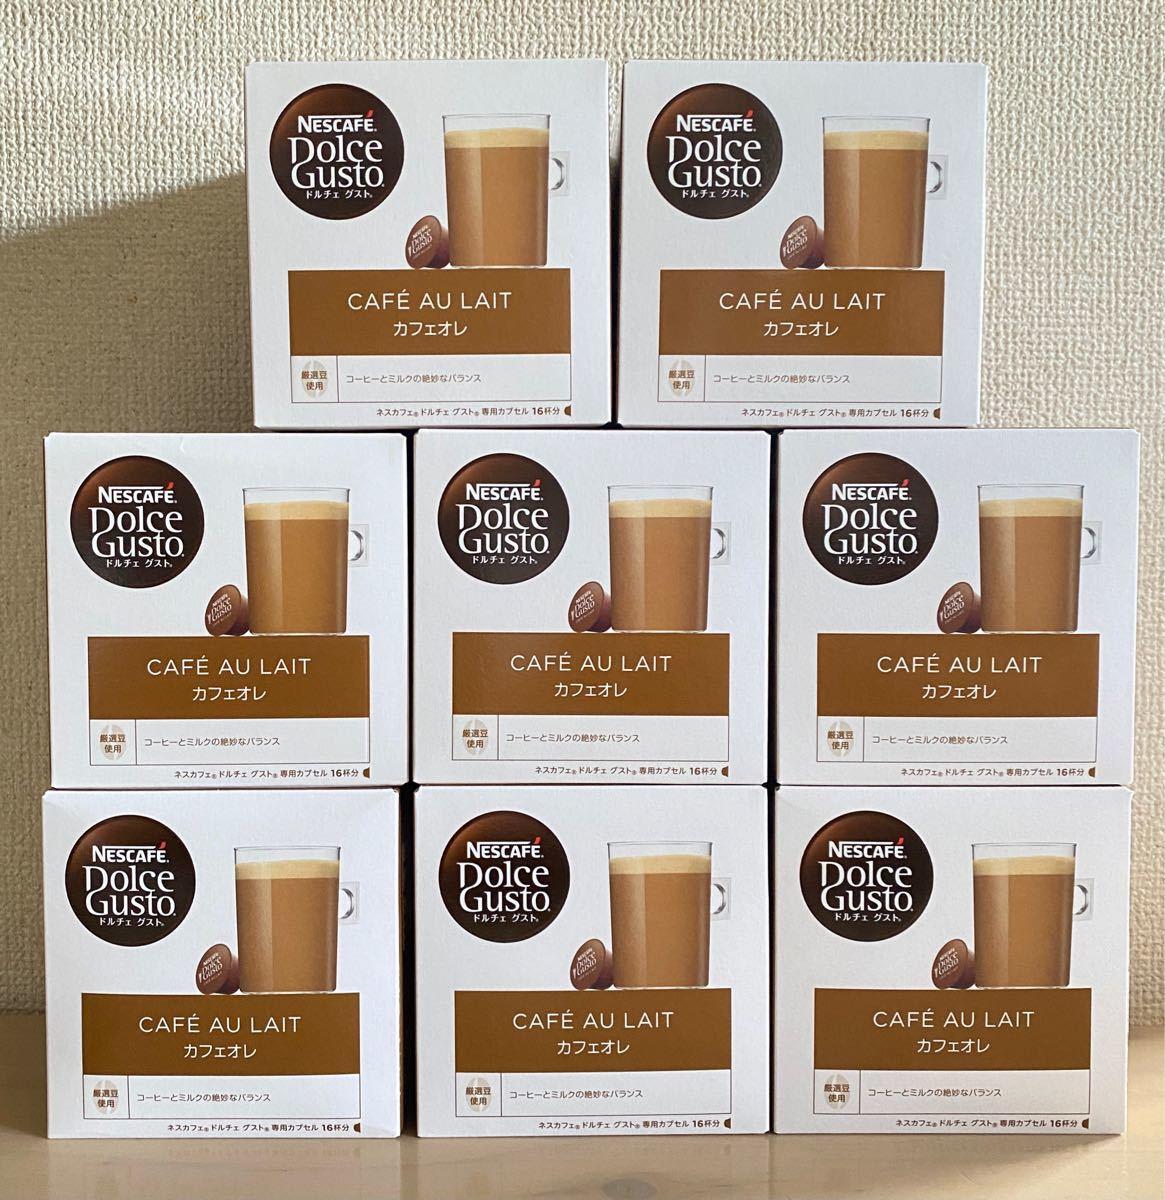 ネスカフェ ドルチェ グスト カフェオレ 16杯分 8箱